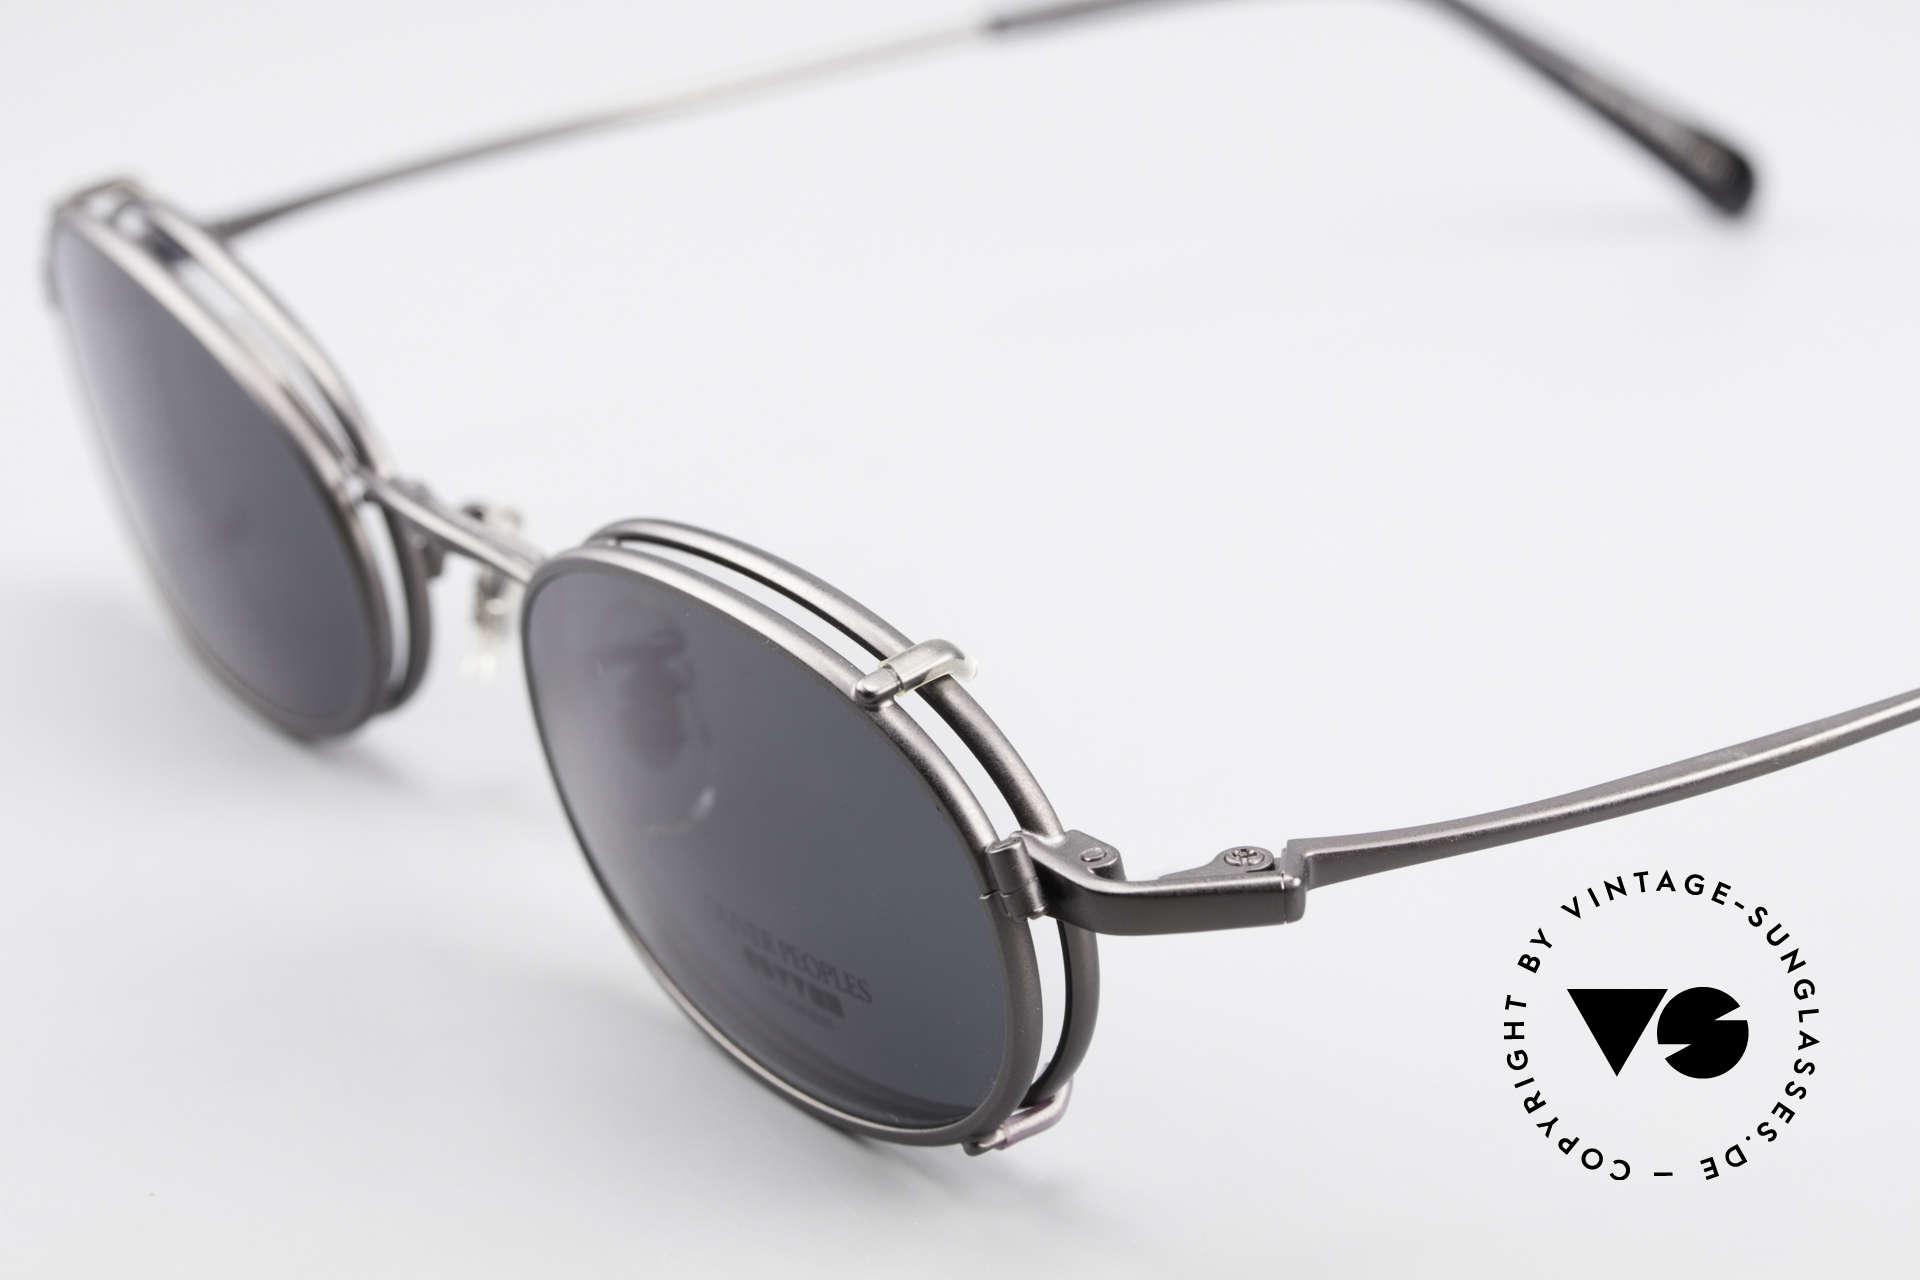 Oliver Peoples OP583 Ovale 90er Brille Mit Sun Clip, ungetragenes O. Peoples Einzelstück (made in Japan), Passend für Herren